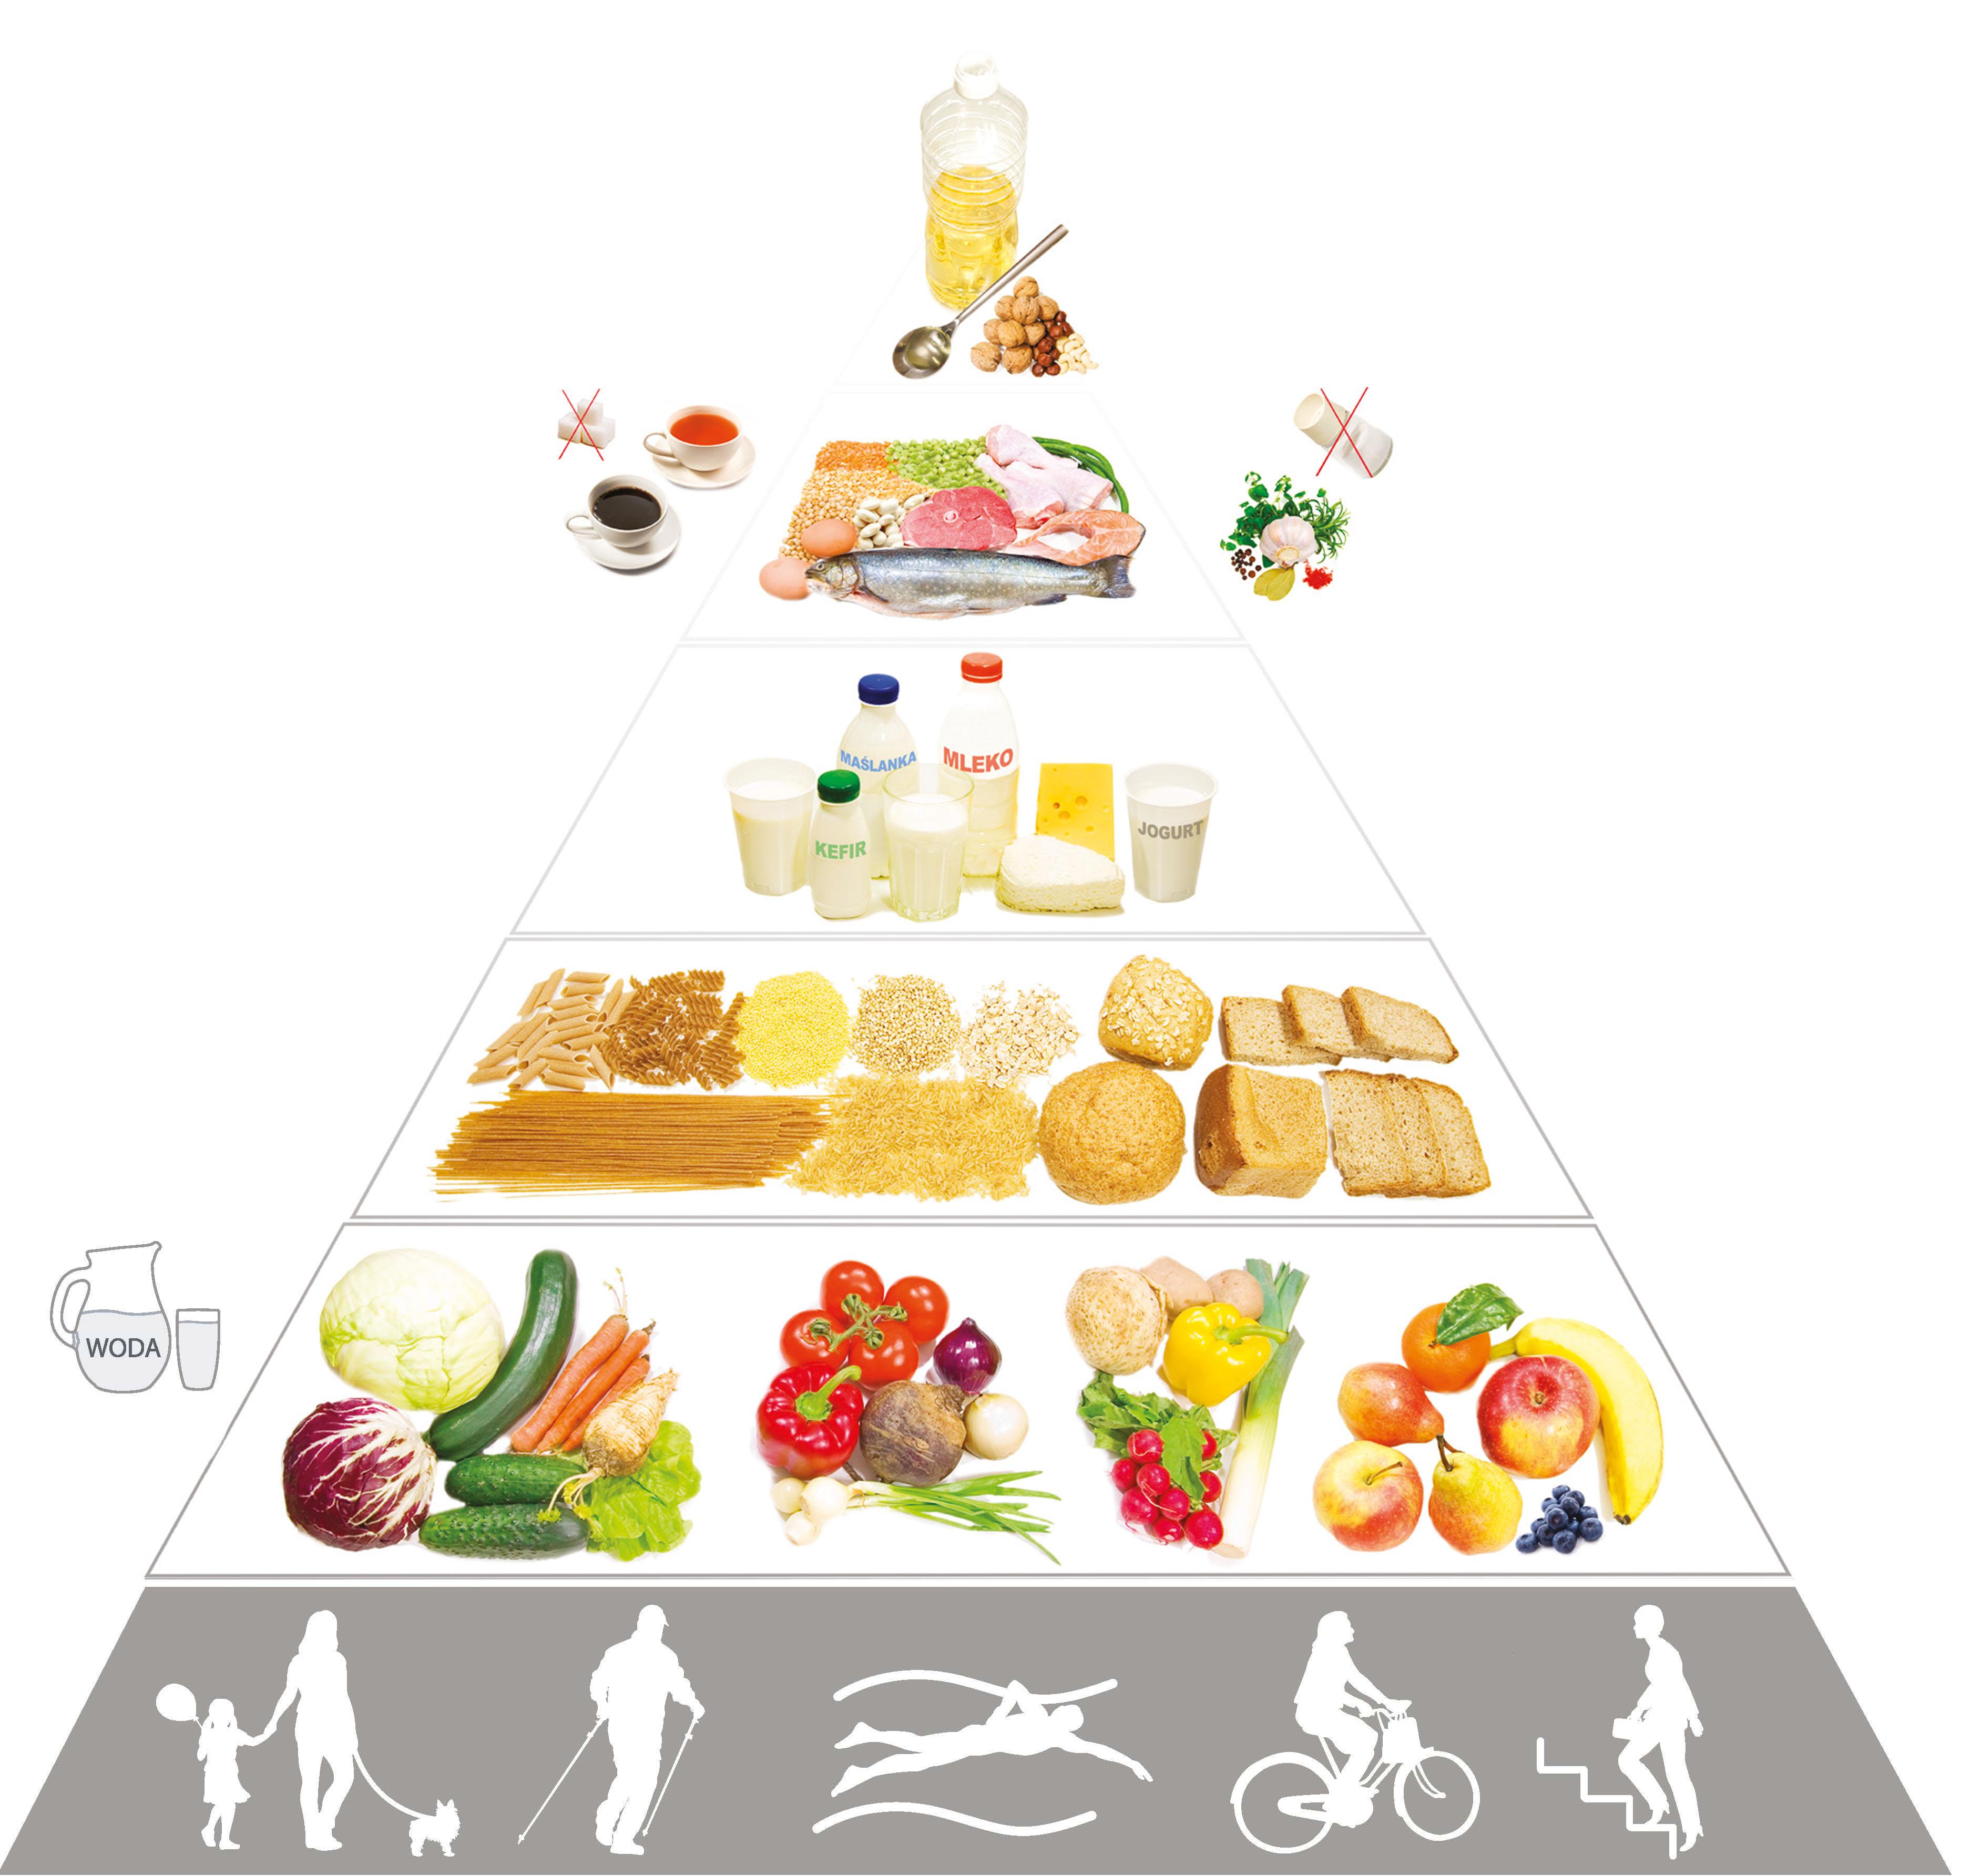 piramida zdrowego żywienia i aktywności fizycznej 2016